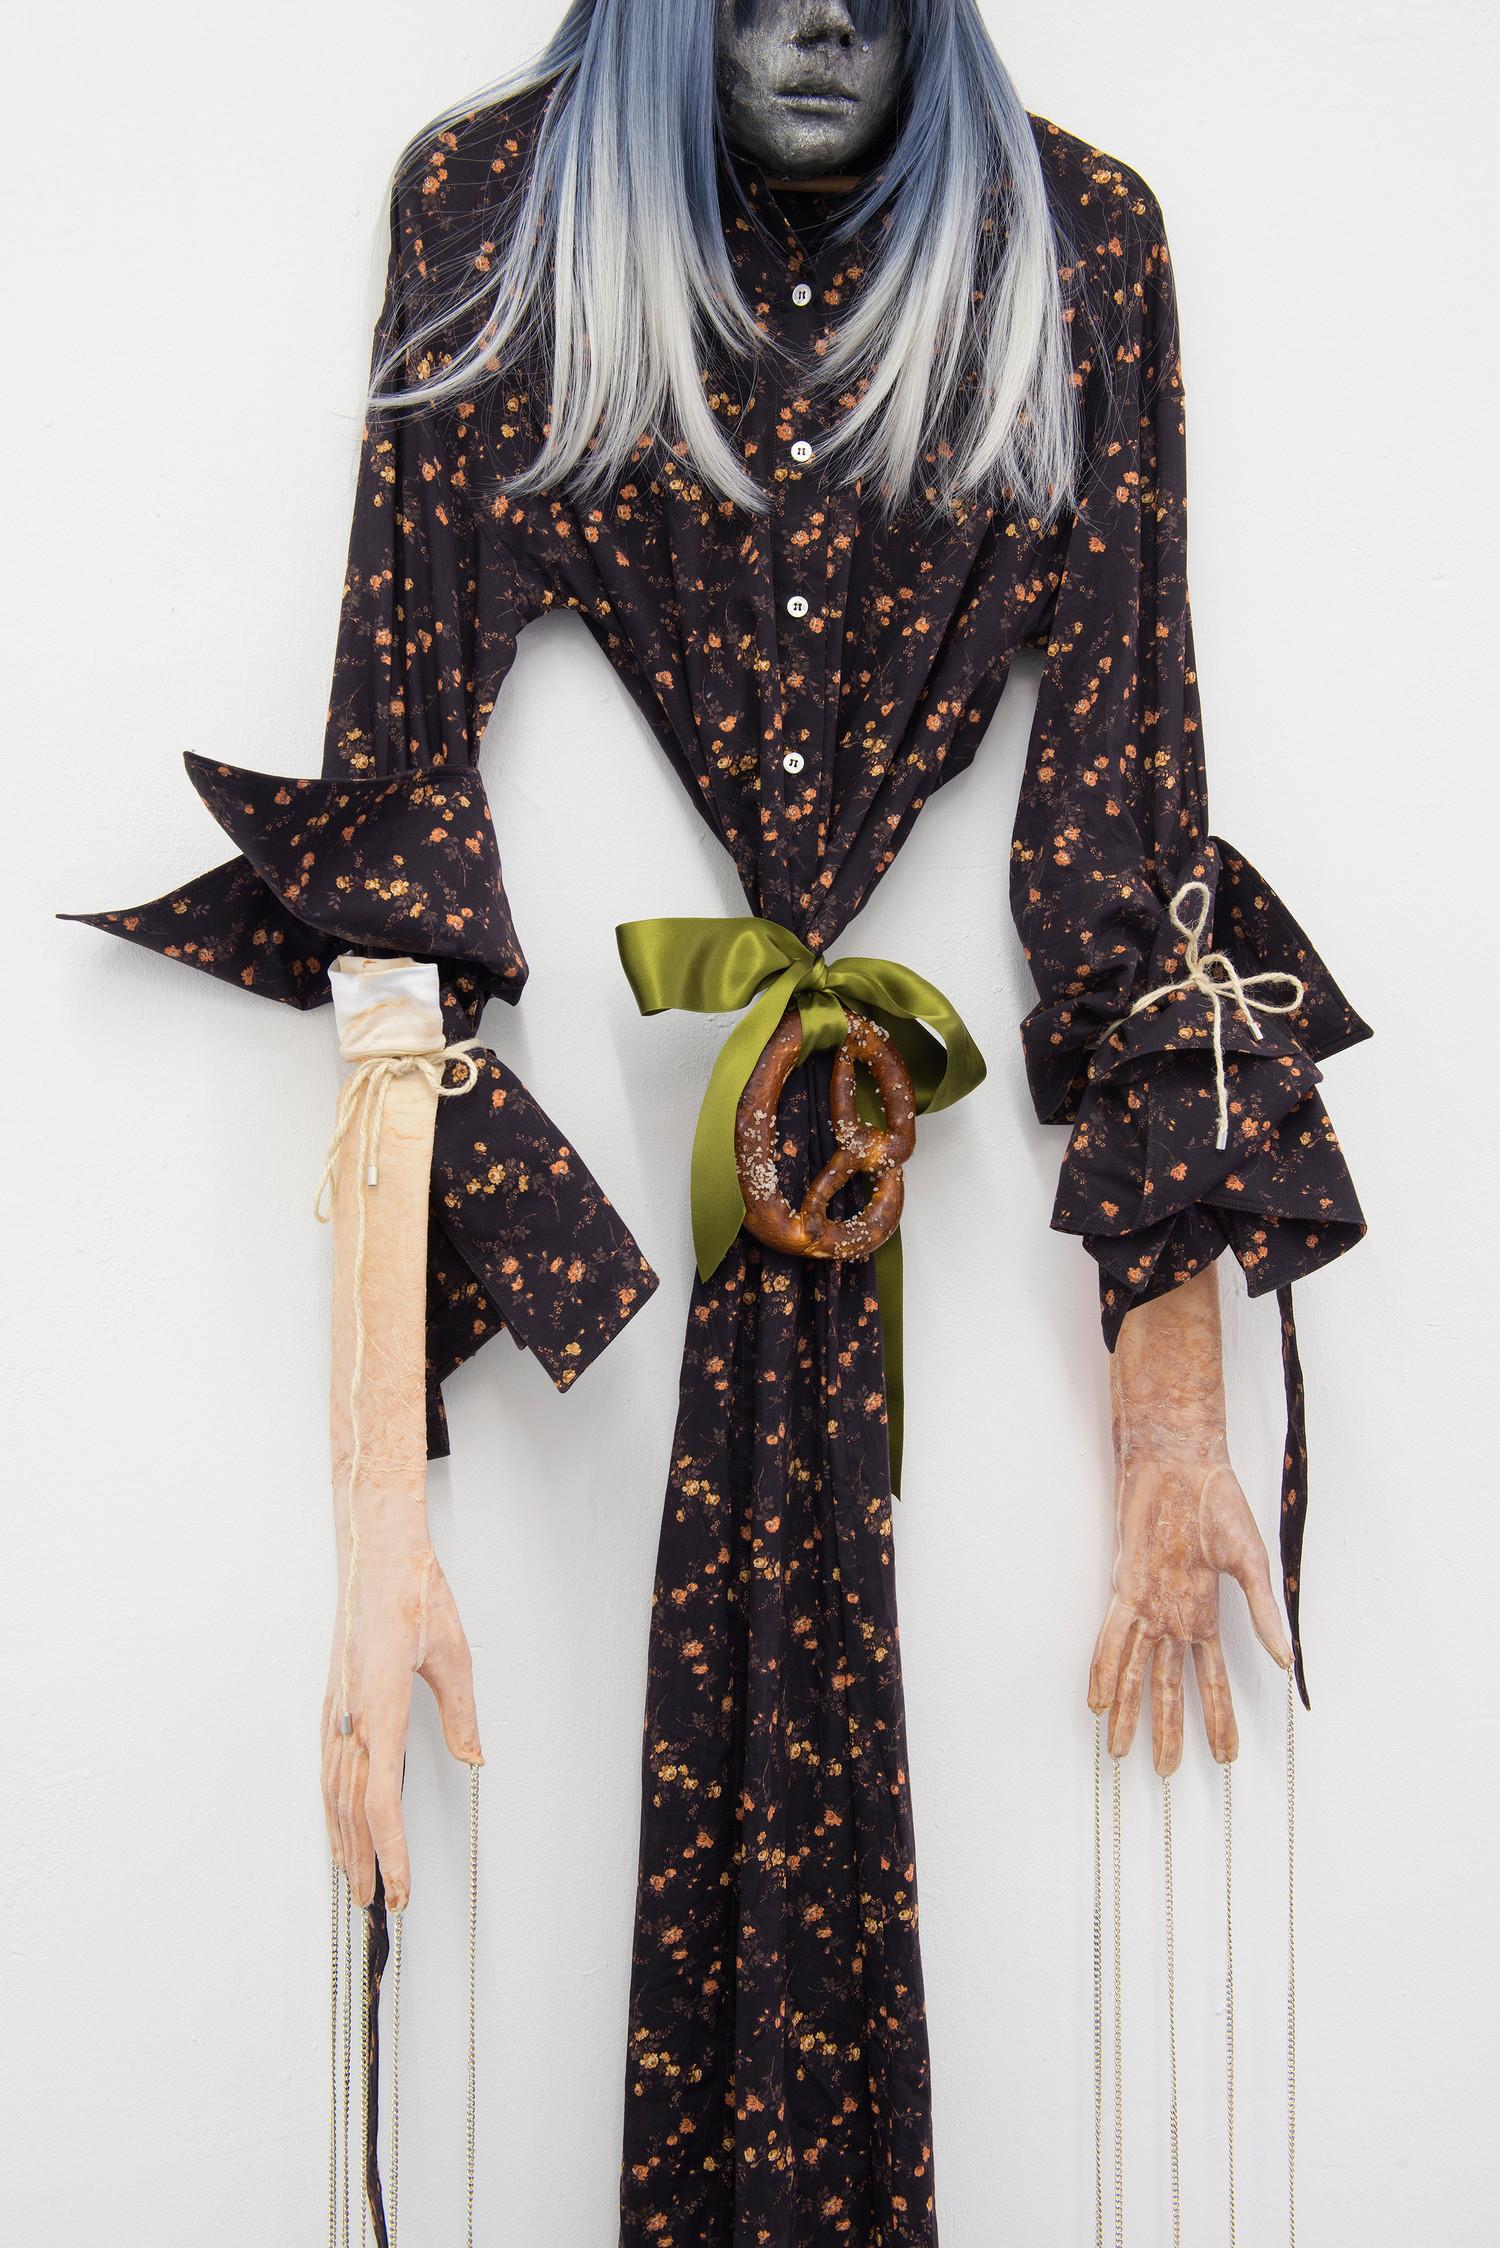 Witch (details), 2020, latex, textile, wig, bretzel, rope, chains, circa 188 x 54 x 15 cm — © Manon Wertenbroek